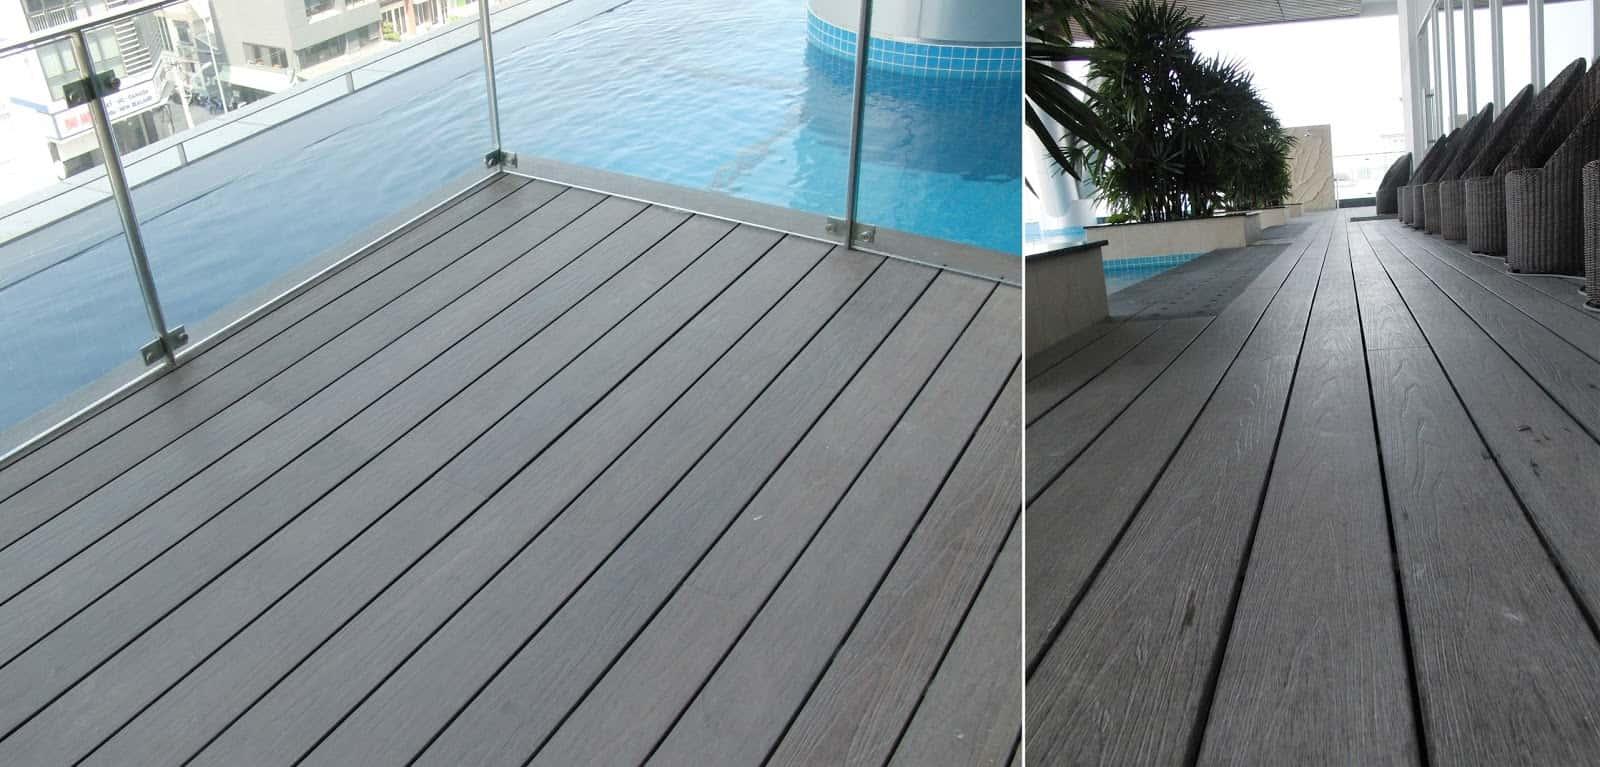 Sàn gỗ nhựa ứng dụng trong bể bơi sang trọng